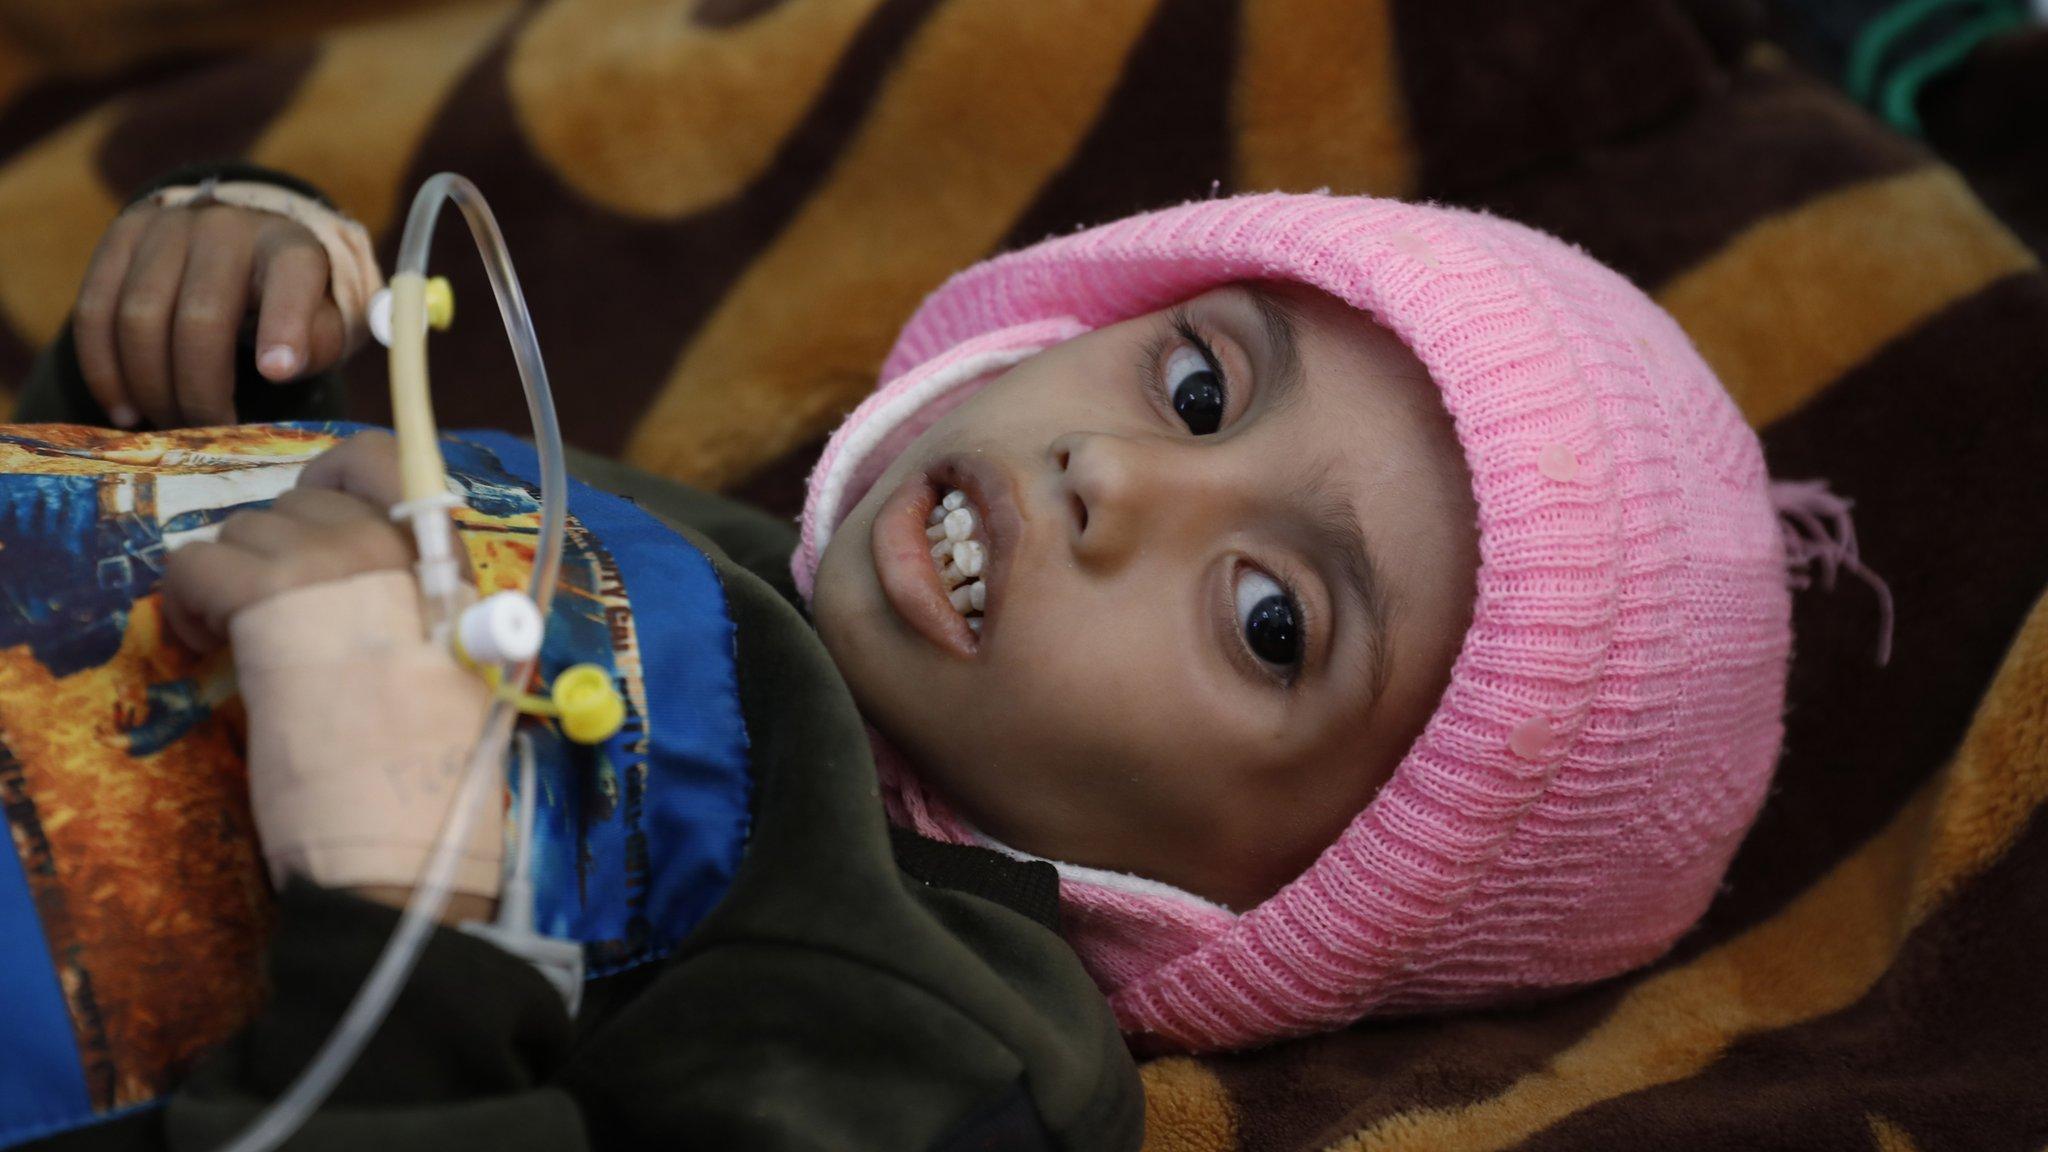 يعاني أكثر من مليوني طفل من سوء التغذية الحاد